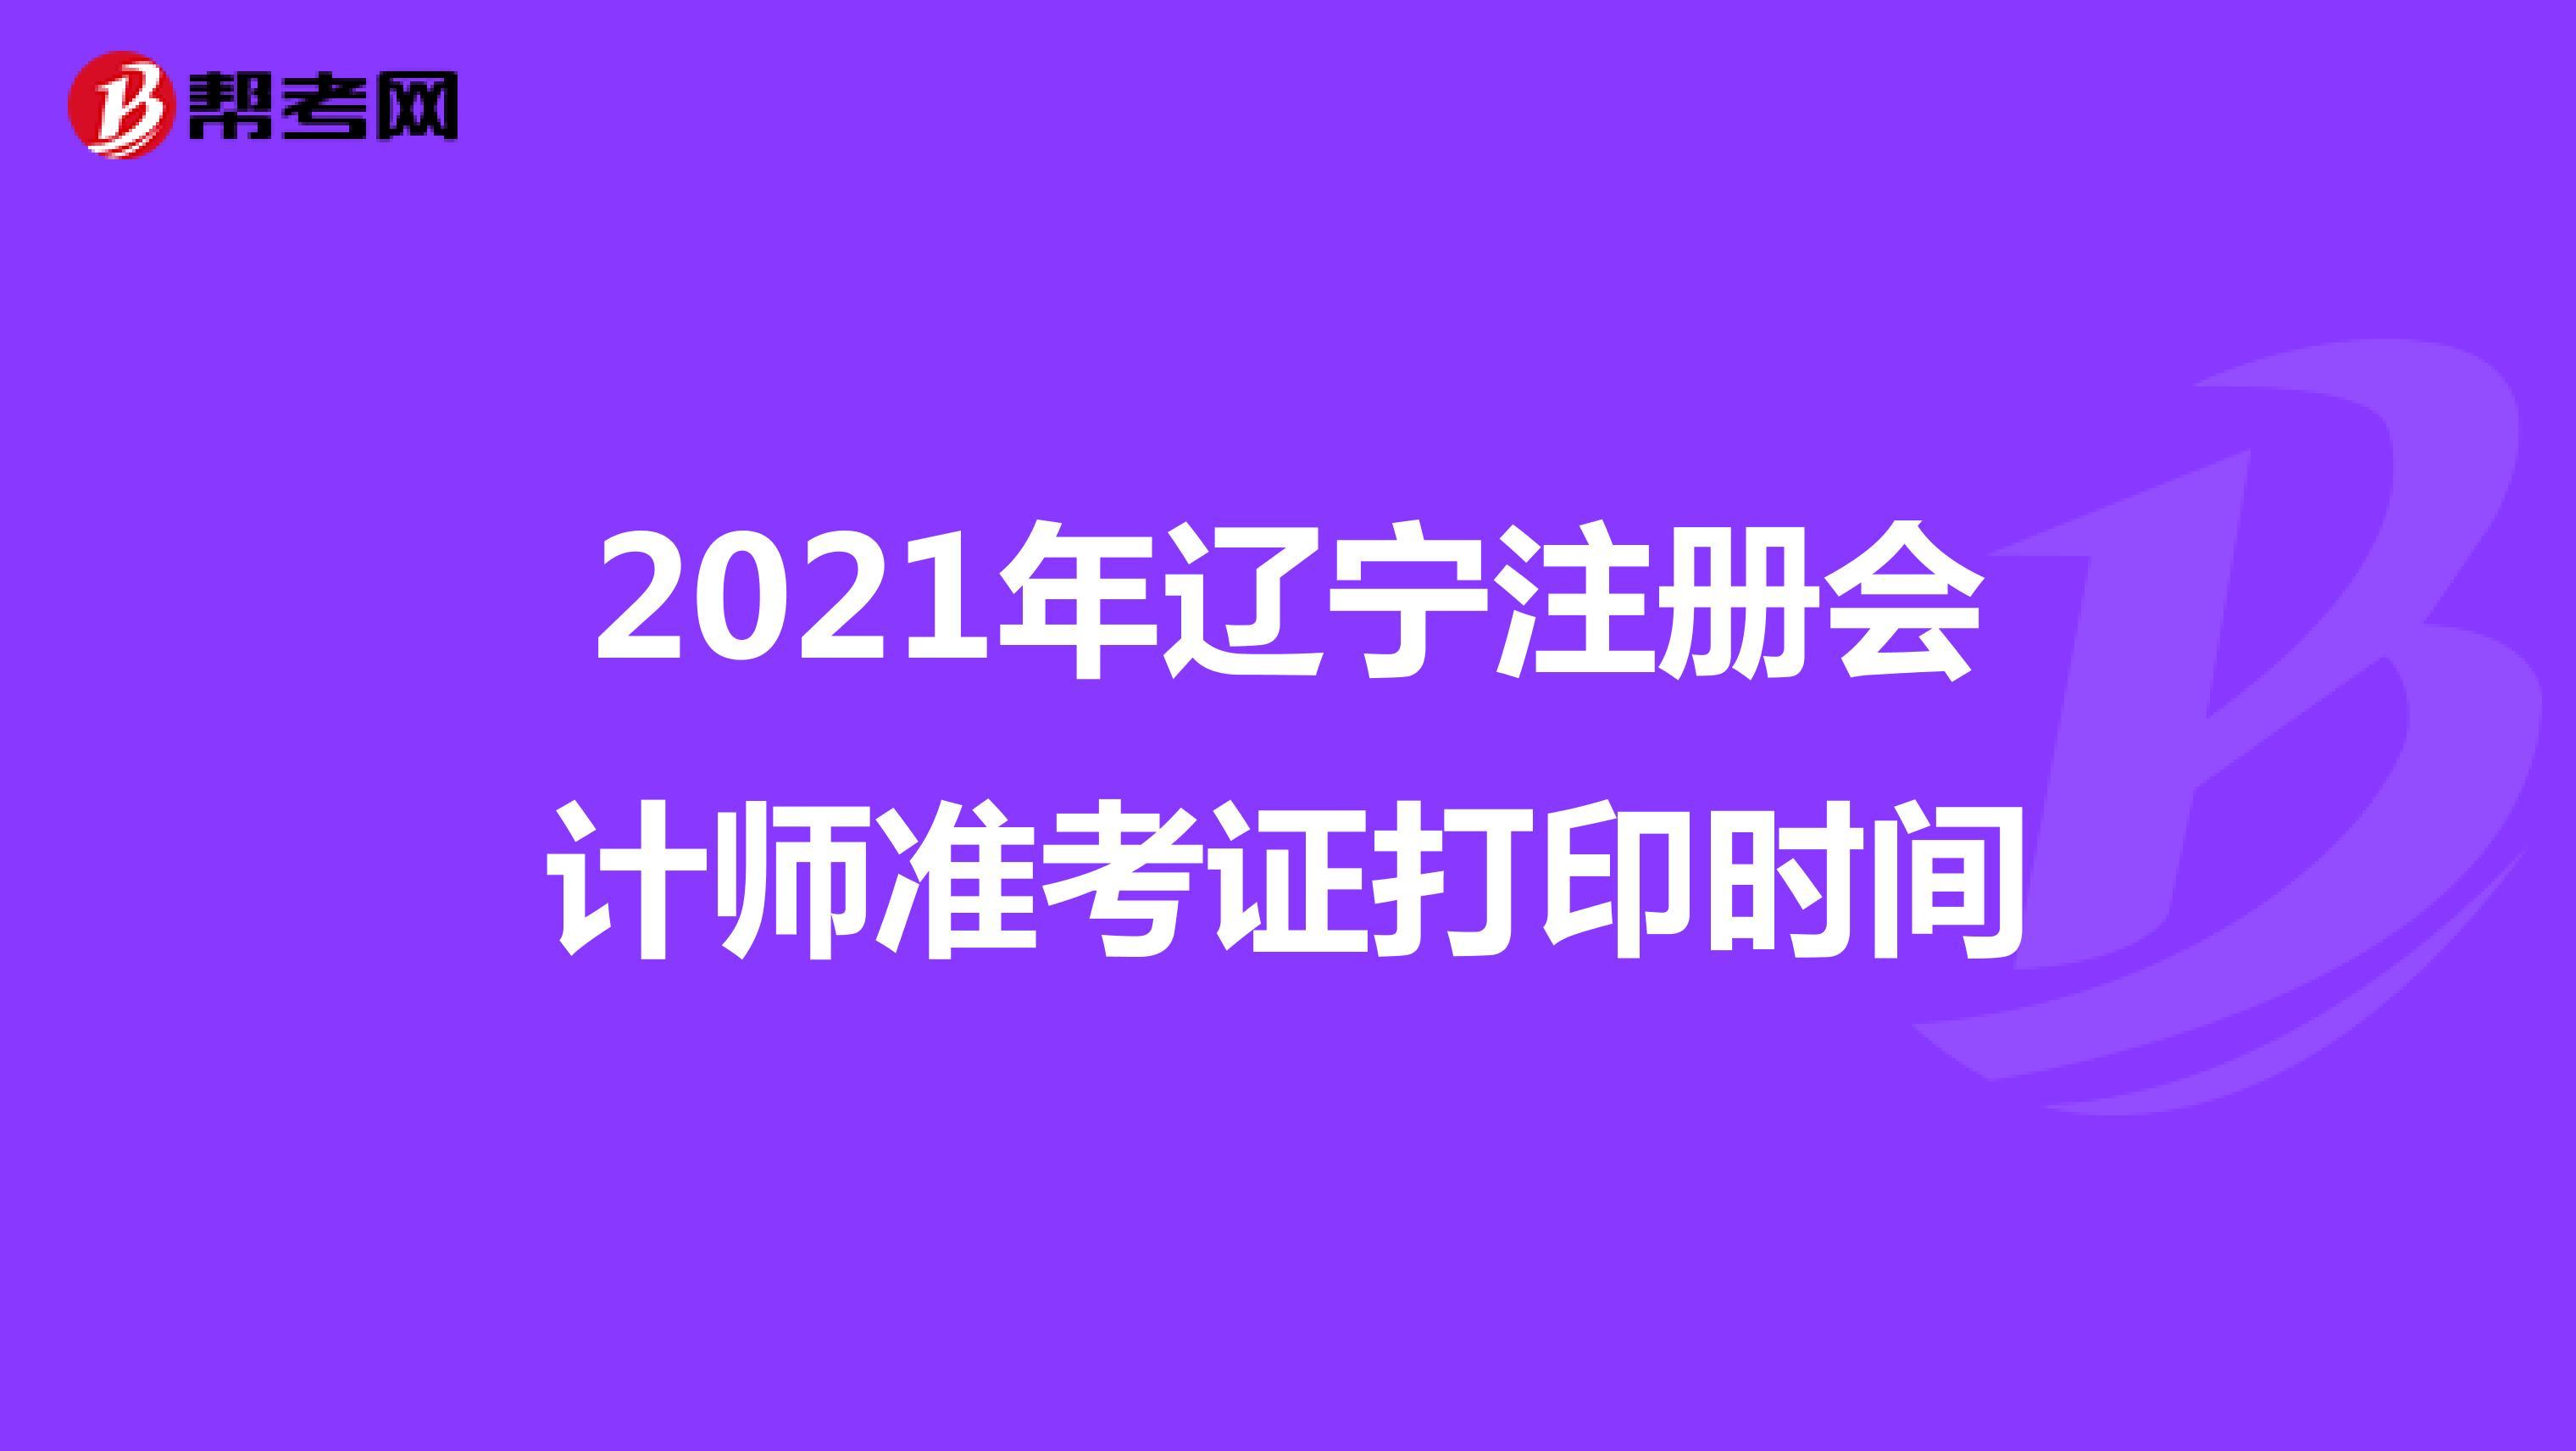 2021年辽宁注册会计师准考证打印时间